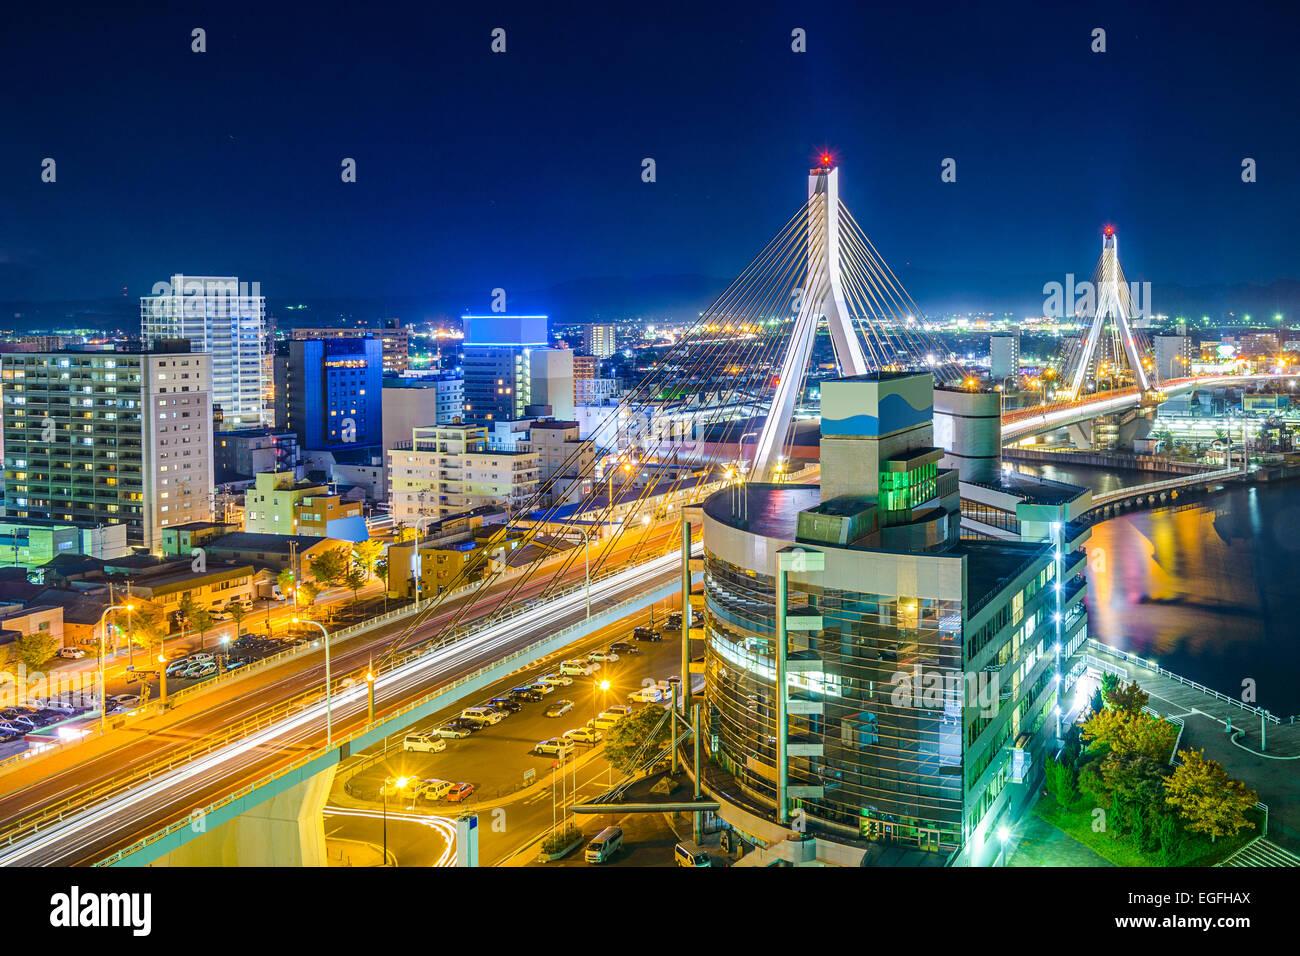 La Ville d'Aomori, Japon centre-ville paysage urbain. Photo Stock